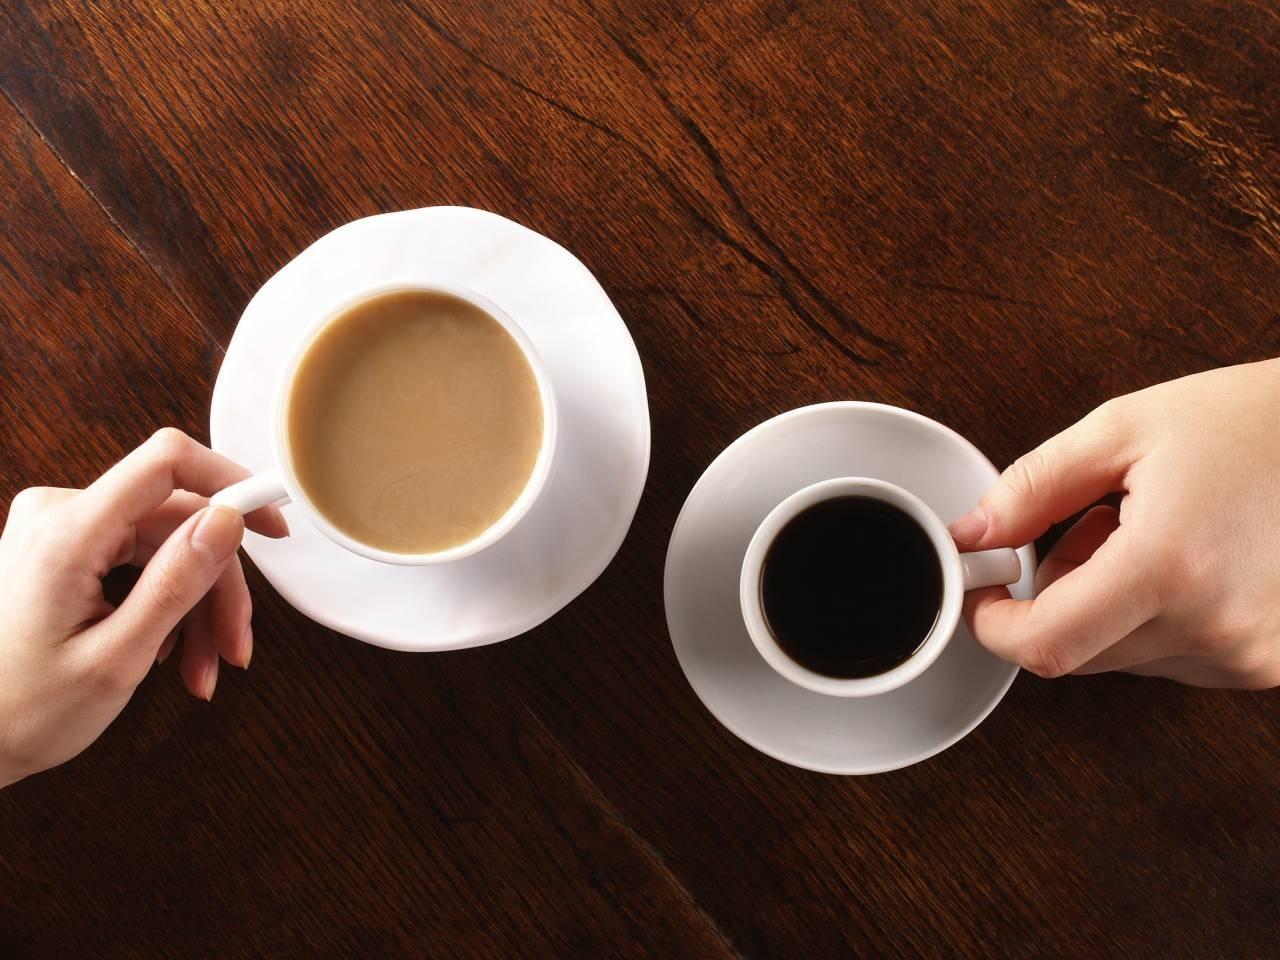 كيف تتغلب على تأثير الشاي والقهوة في نهار رمضان؟